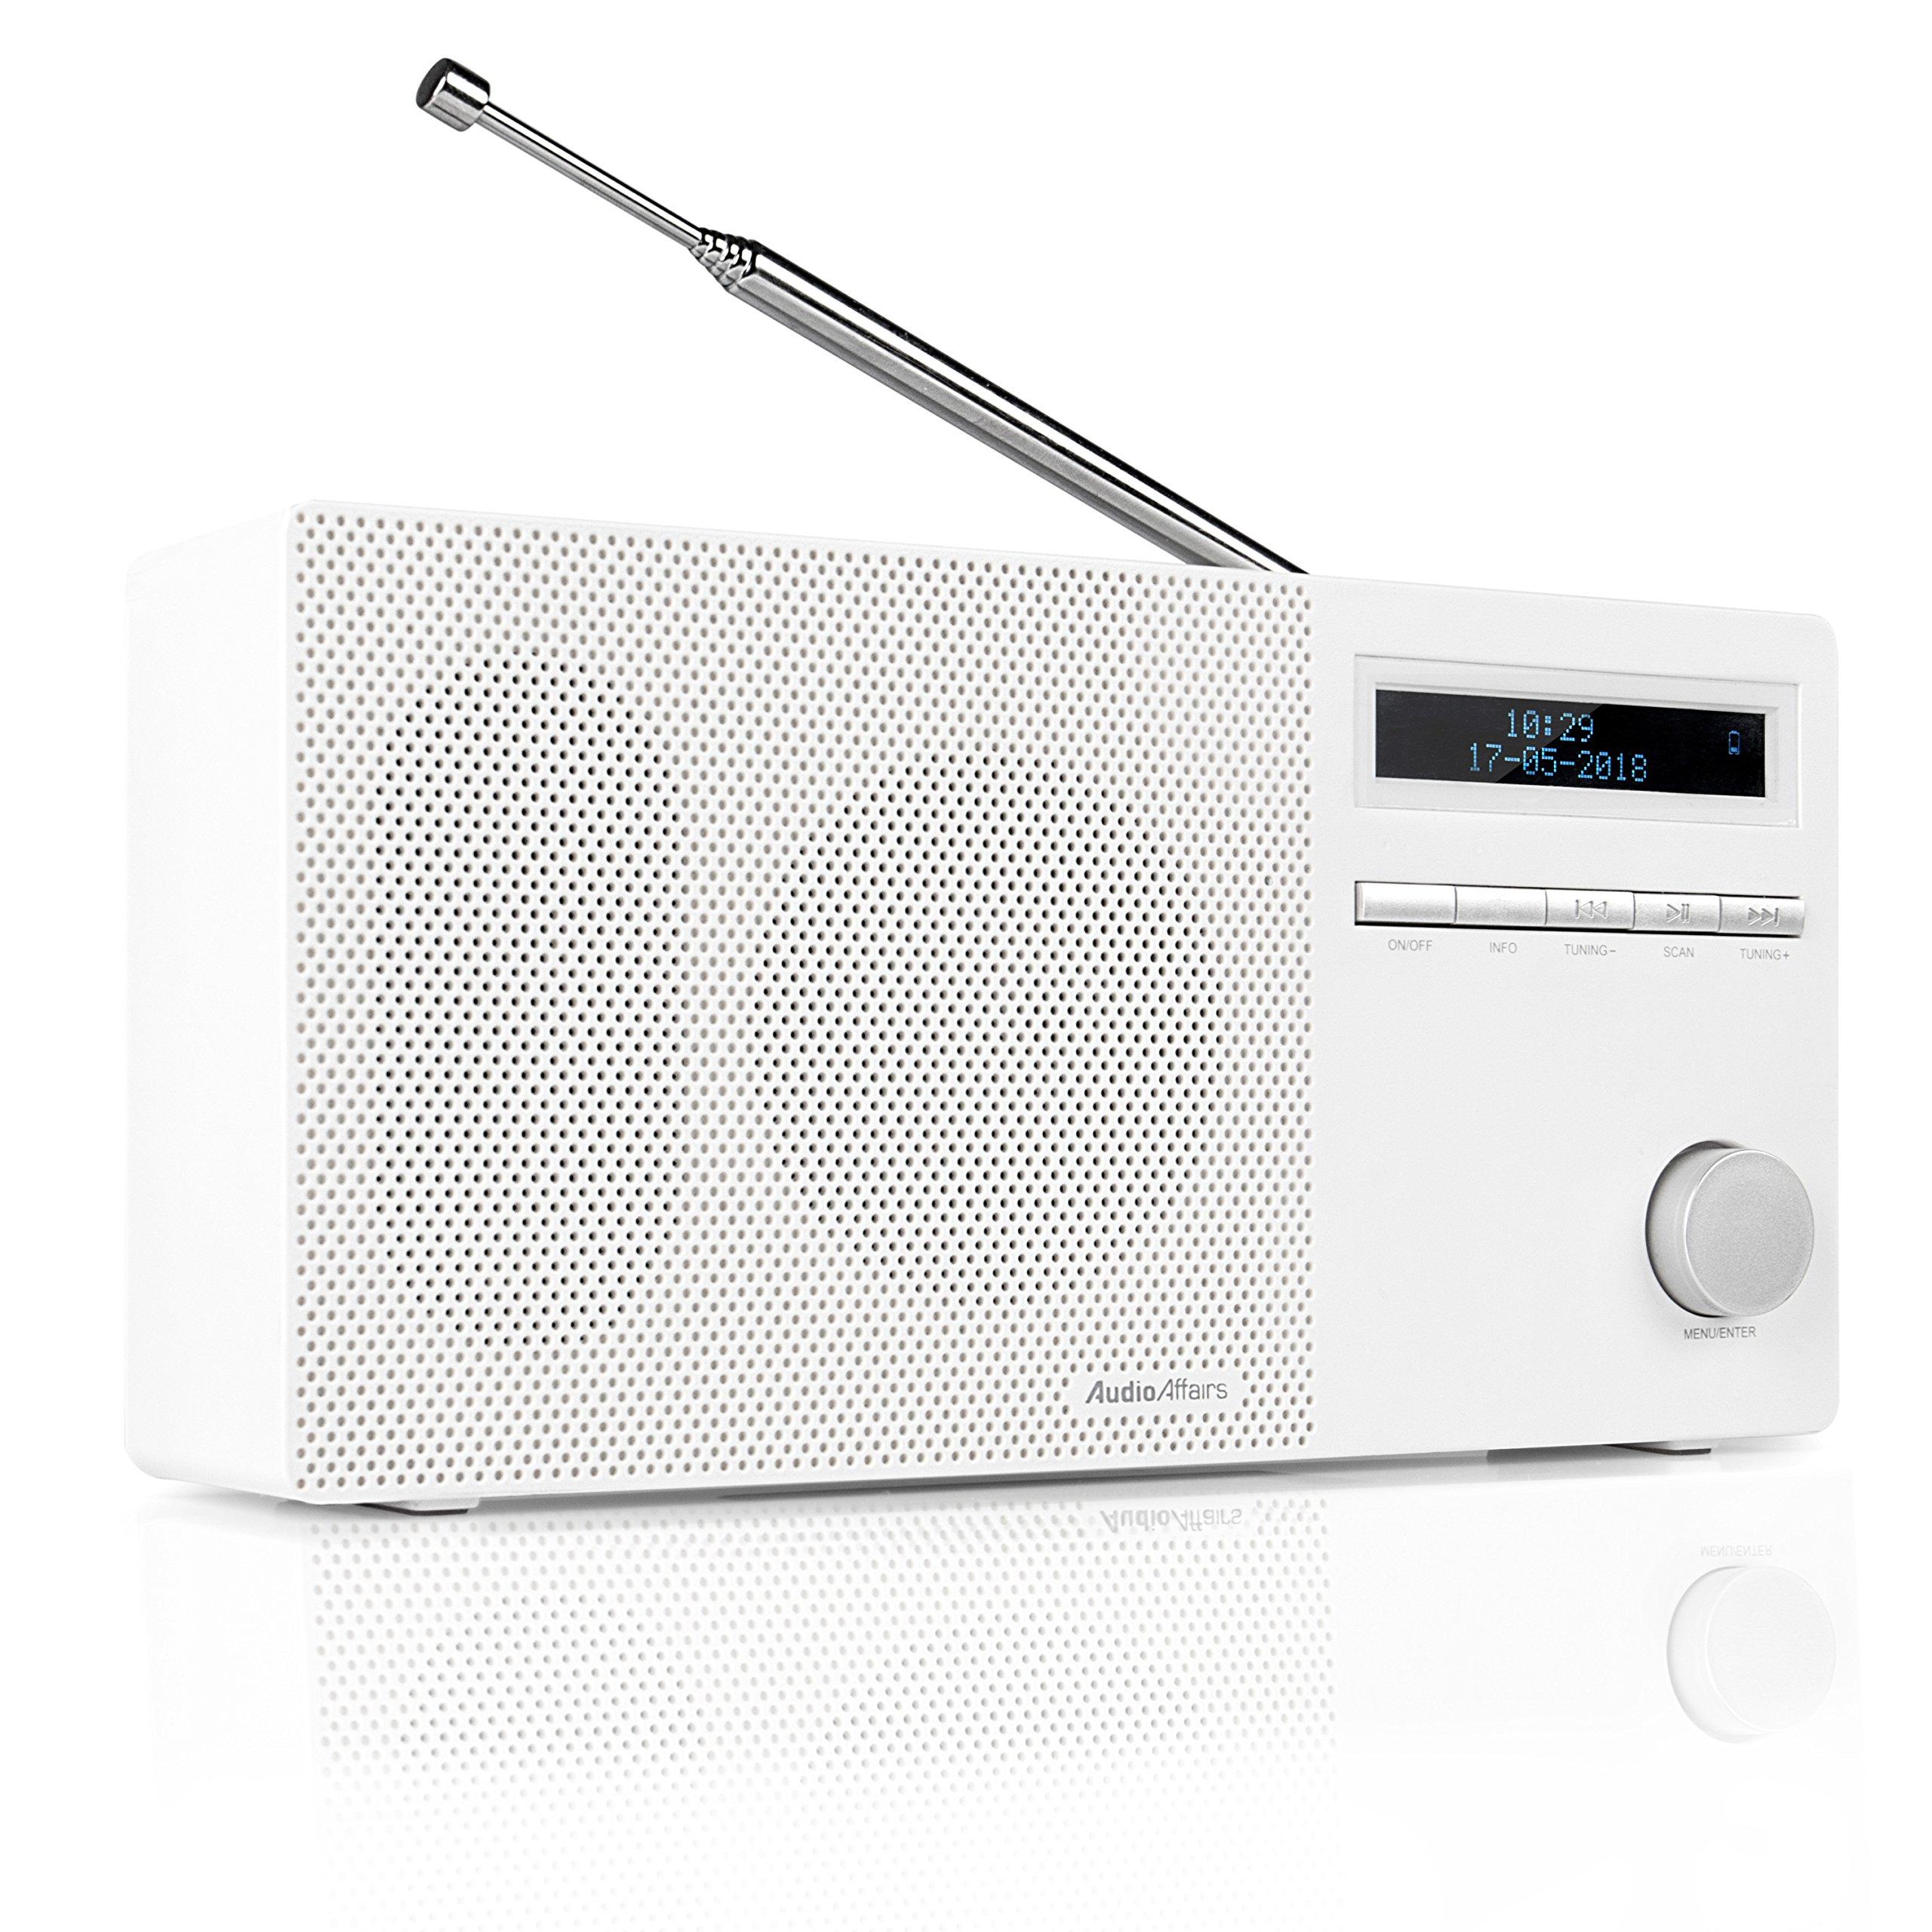 AudioAffairs Radio DAB+ Portátil  con Bluetooth y Batería  Radio